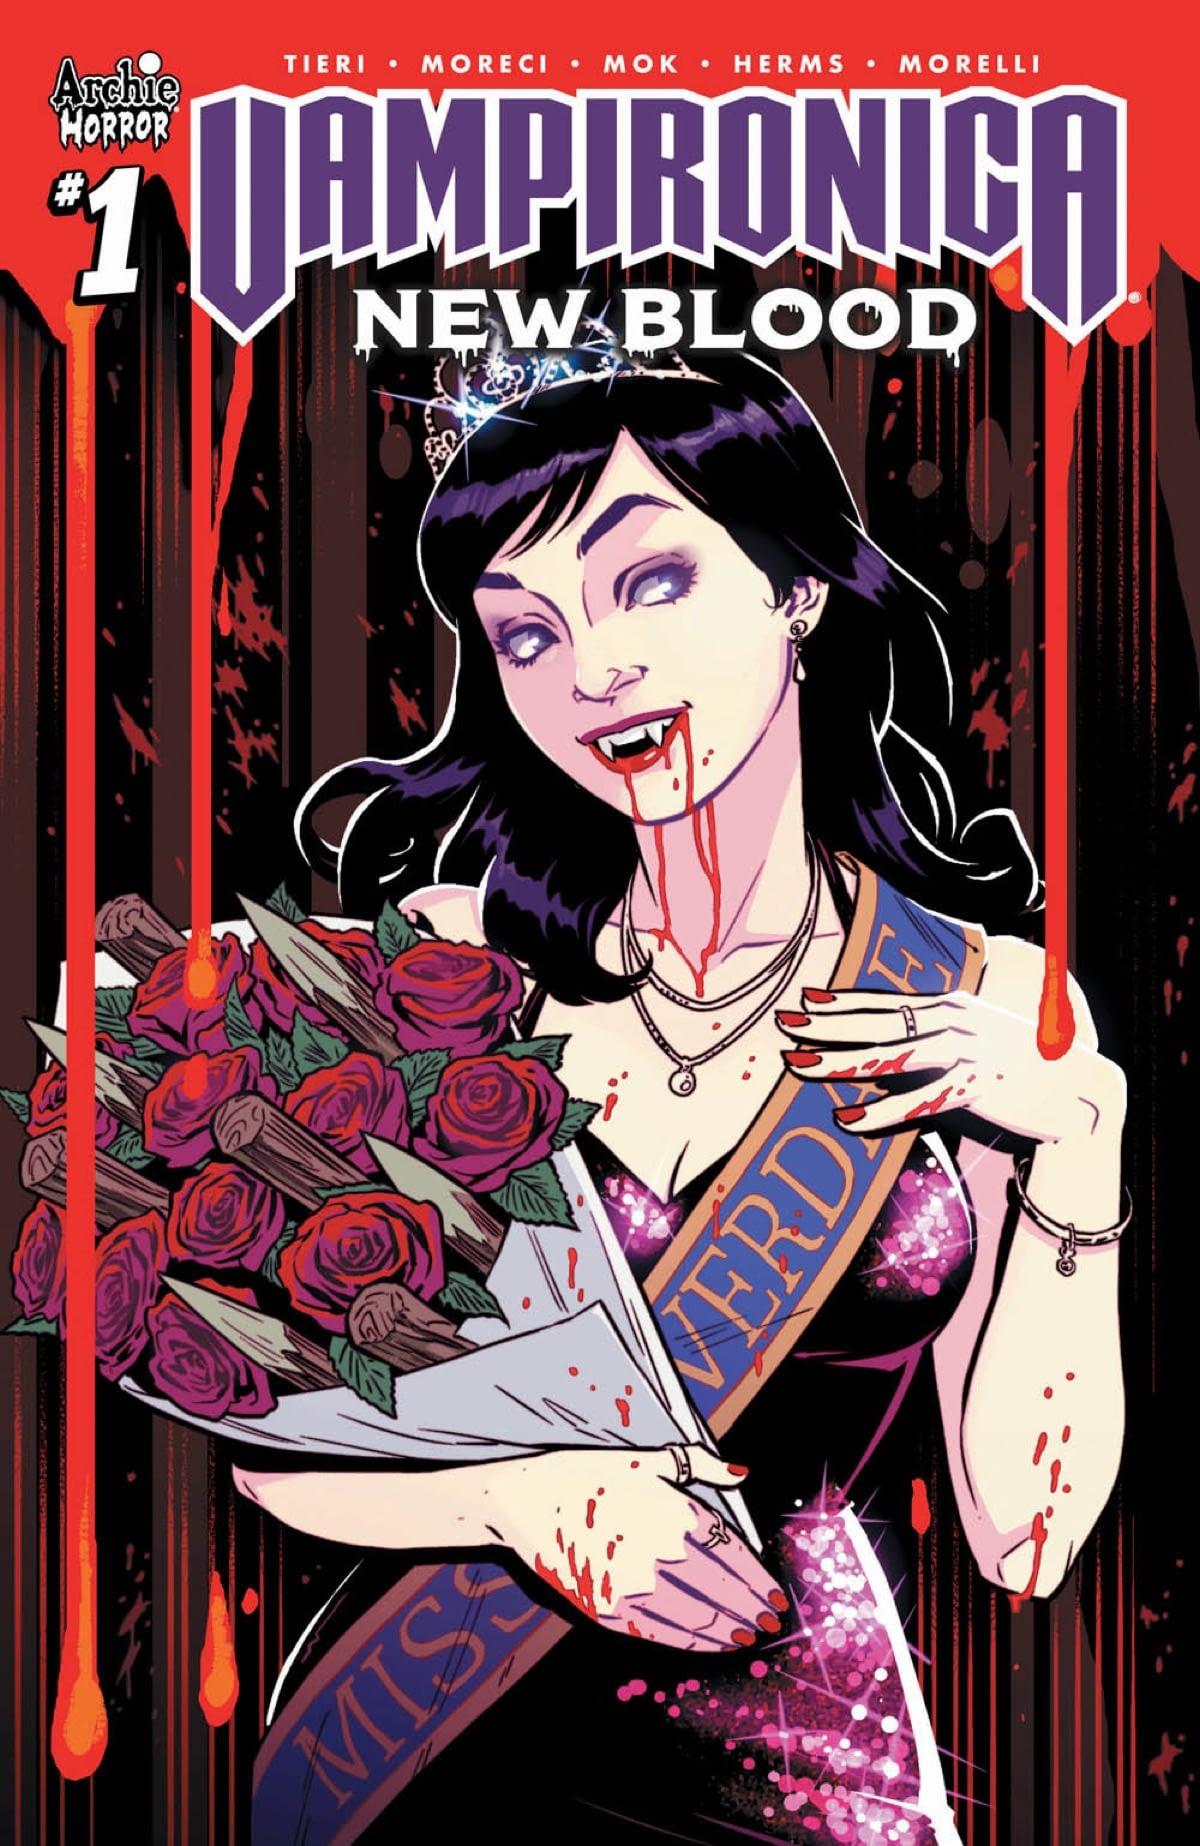 Vampironica Returns